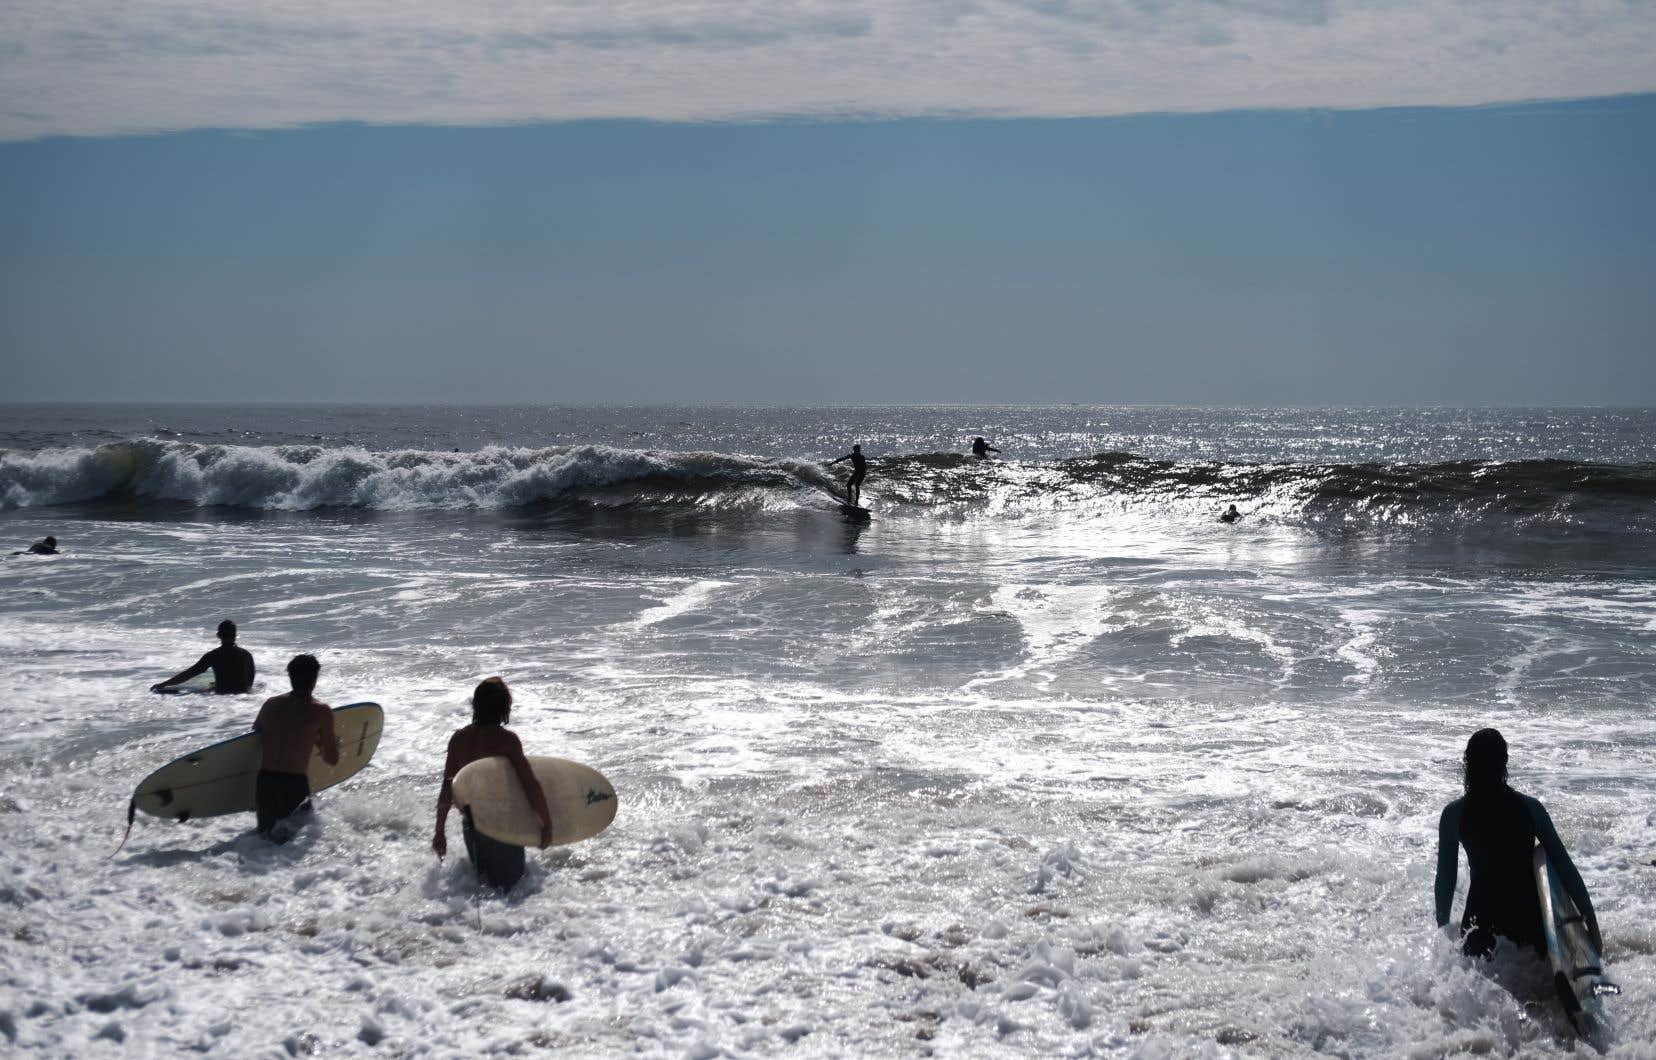 Des surfeurs new-yorkais profitent de la vague de chaleur qui s'est abattue sur la métropole américaine au début du mois d'octobre dernier.